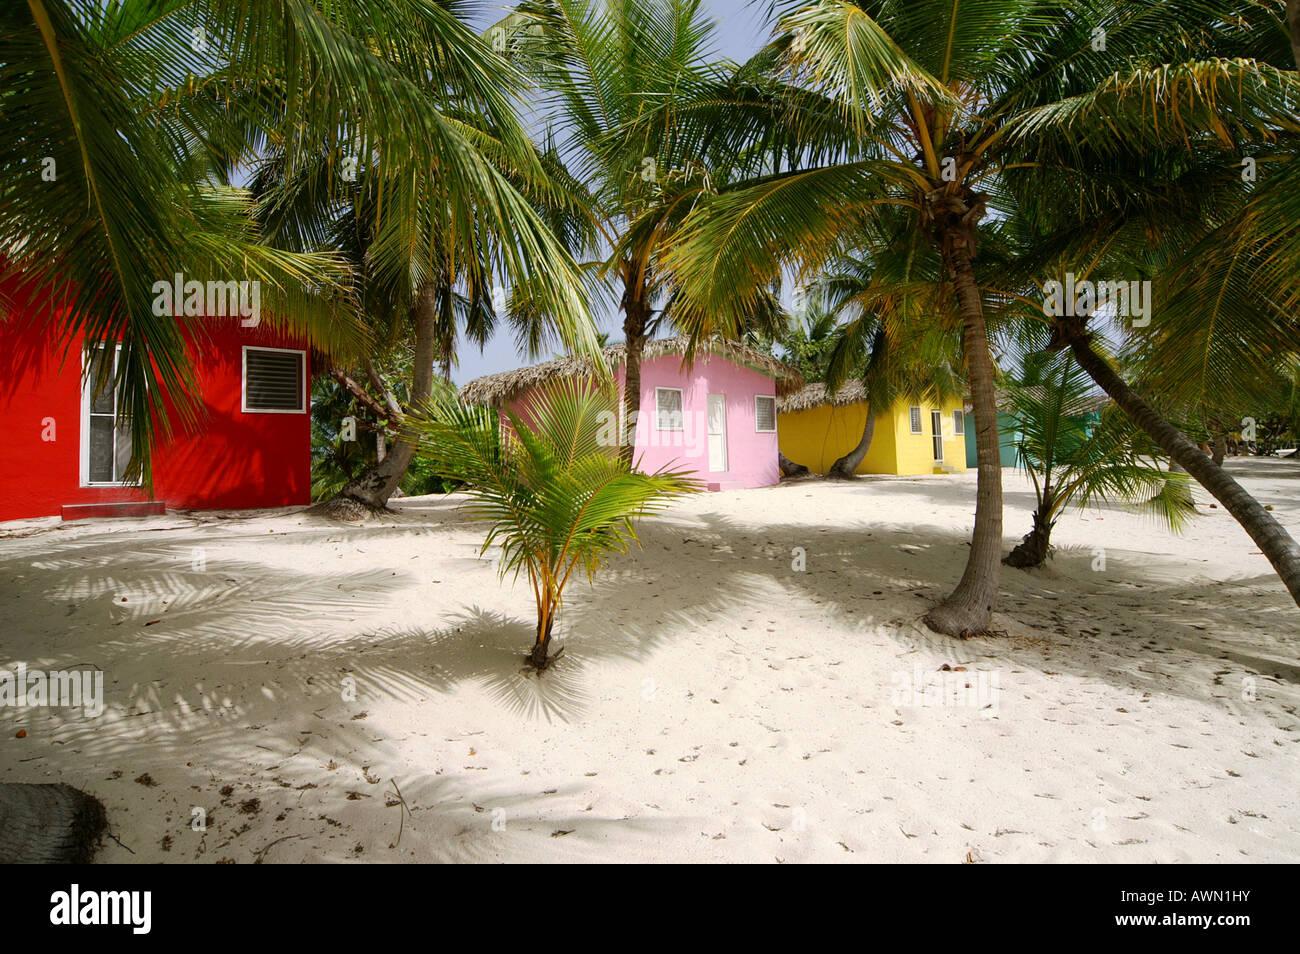 Bunten karibischen Pensionen am Strand, Catalina Island, Dominikanische Republik, Karibik, Nord-und Südamerika Stockbild